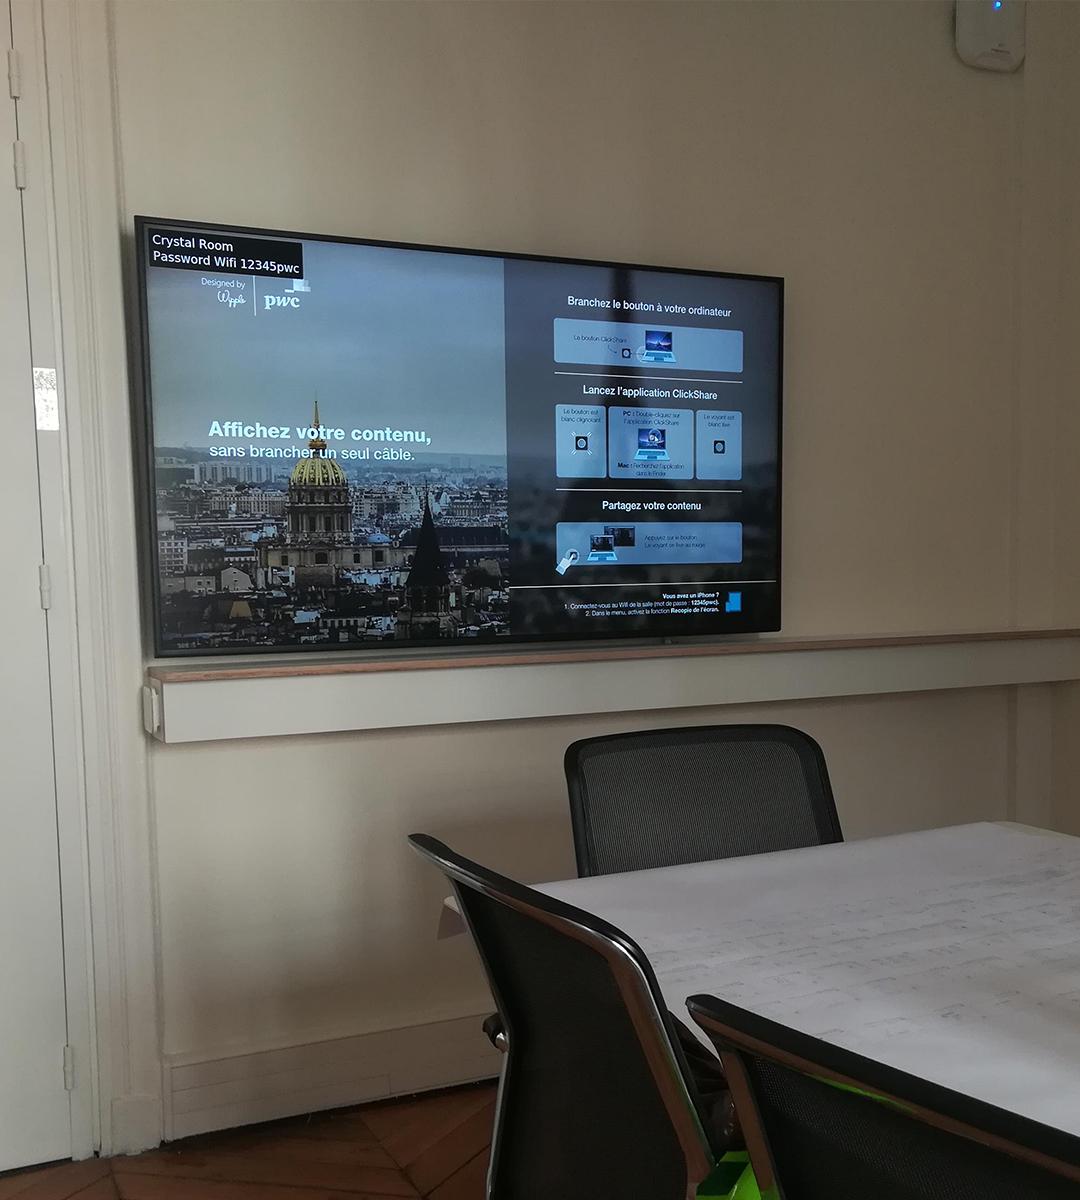 Intégration audiovisuelle salle de réunion pwc experience center par wipple : salle clickshare